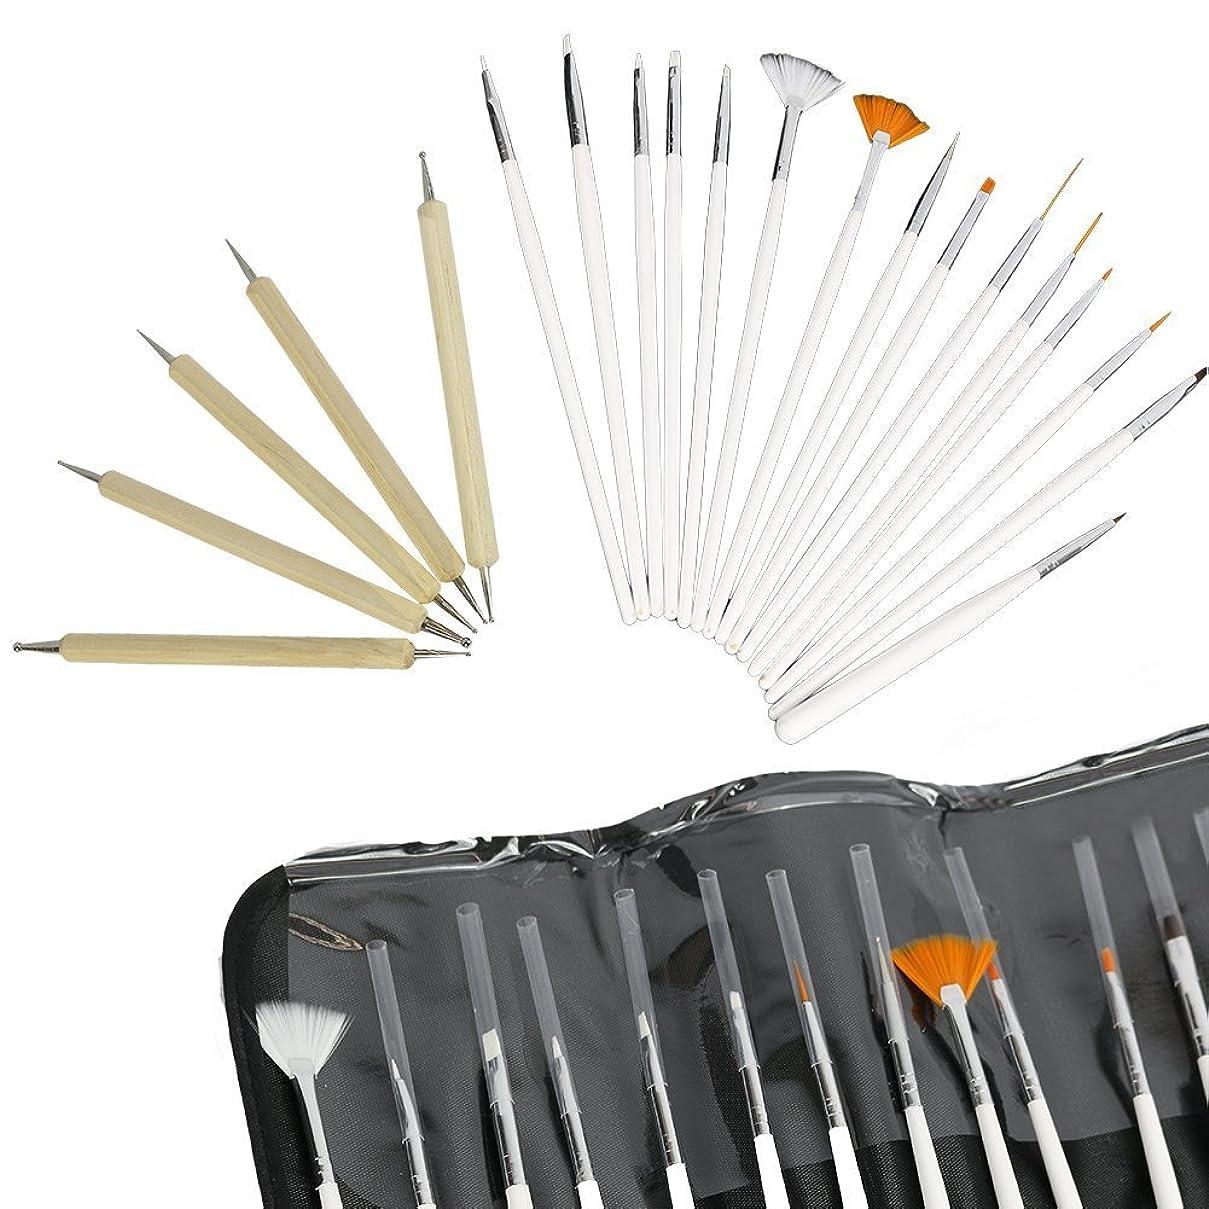 Yimart 20本セットネイルブラシ ネイル筆 ネイルアートブラシセット ドットペン ジェルネイル ネイルアートキット ネイルアートネイル用品道具 筆 絵具 デコ アート用ブラシ アクリル絵の具にも最適 高級木製